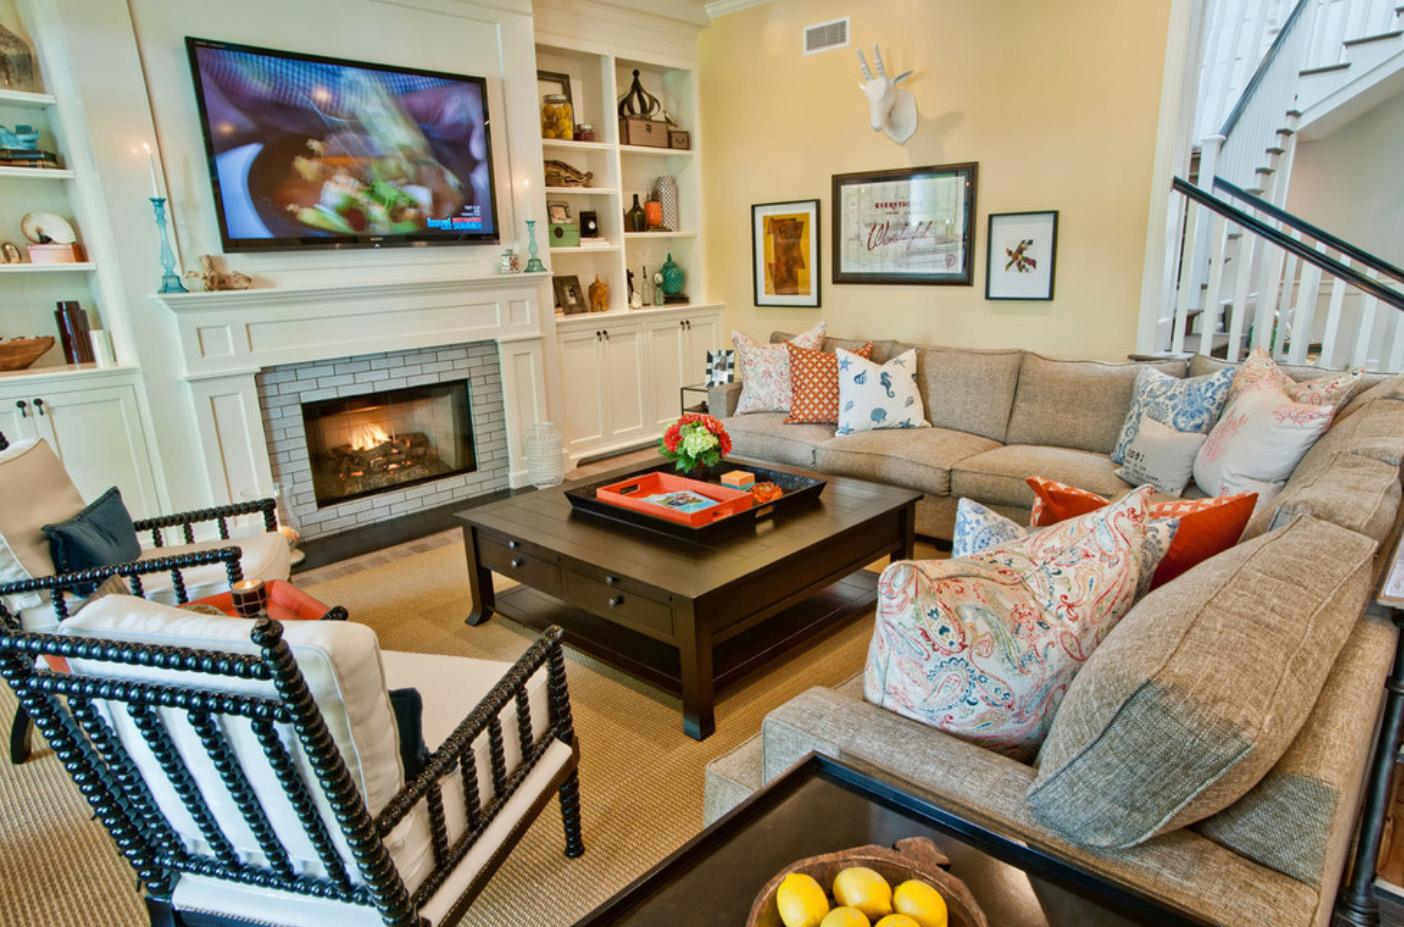 Rengarenk oturma odası modeli